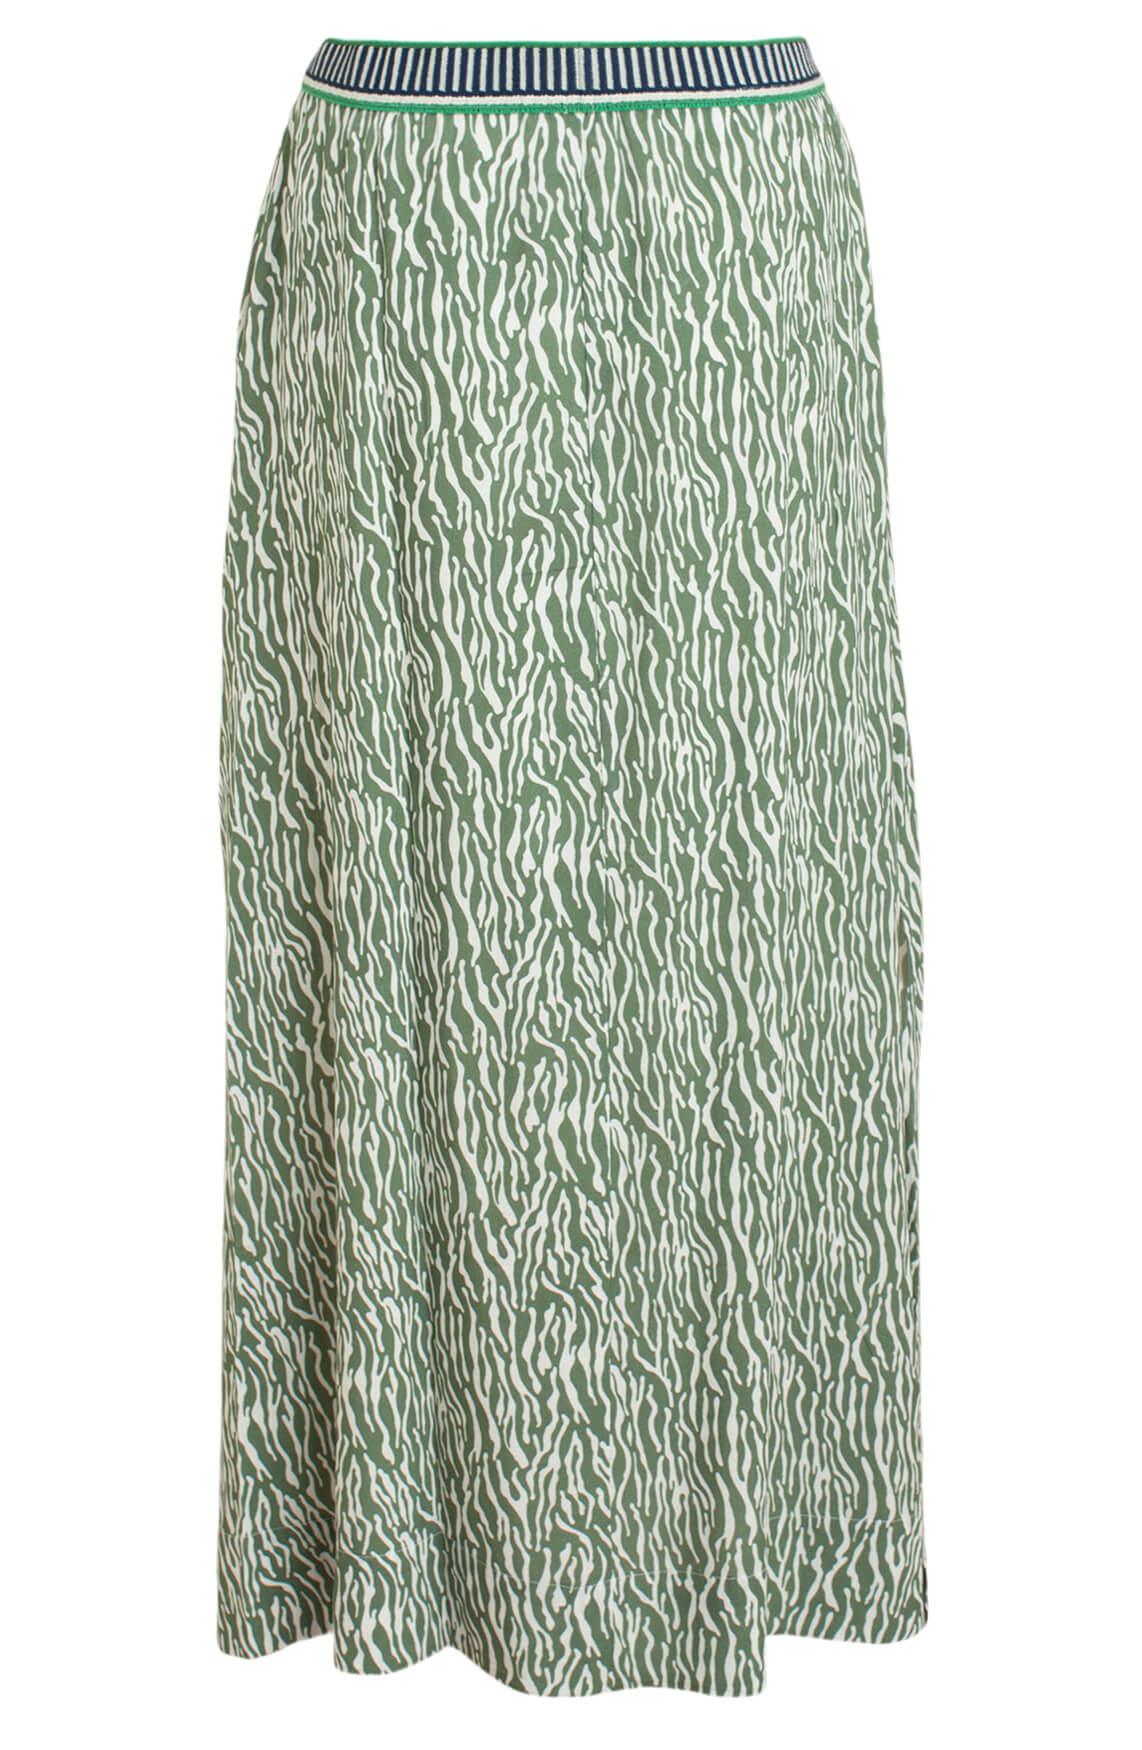 Anna Blue Dames Maxi rok met zebraprint groen